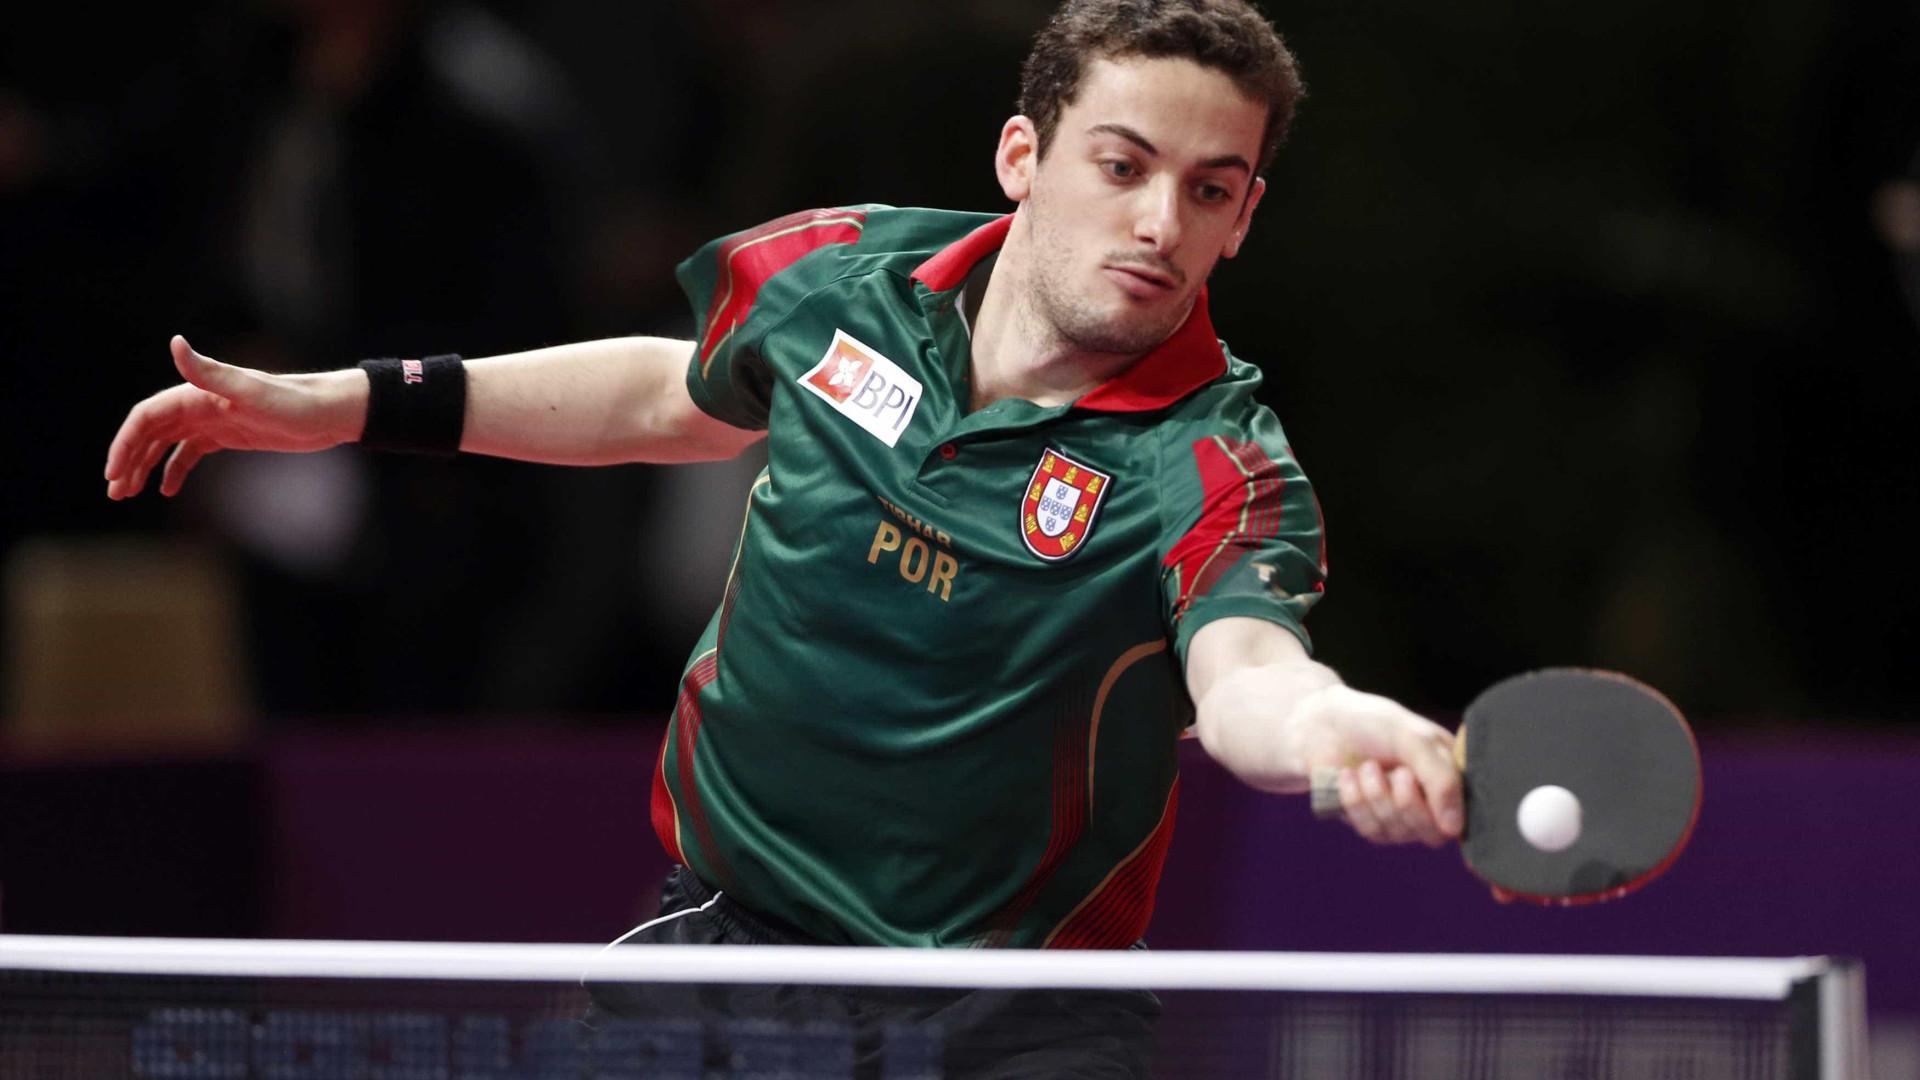 Portugal estreia-se nos Mundiais de ténis de mesa com vitória